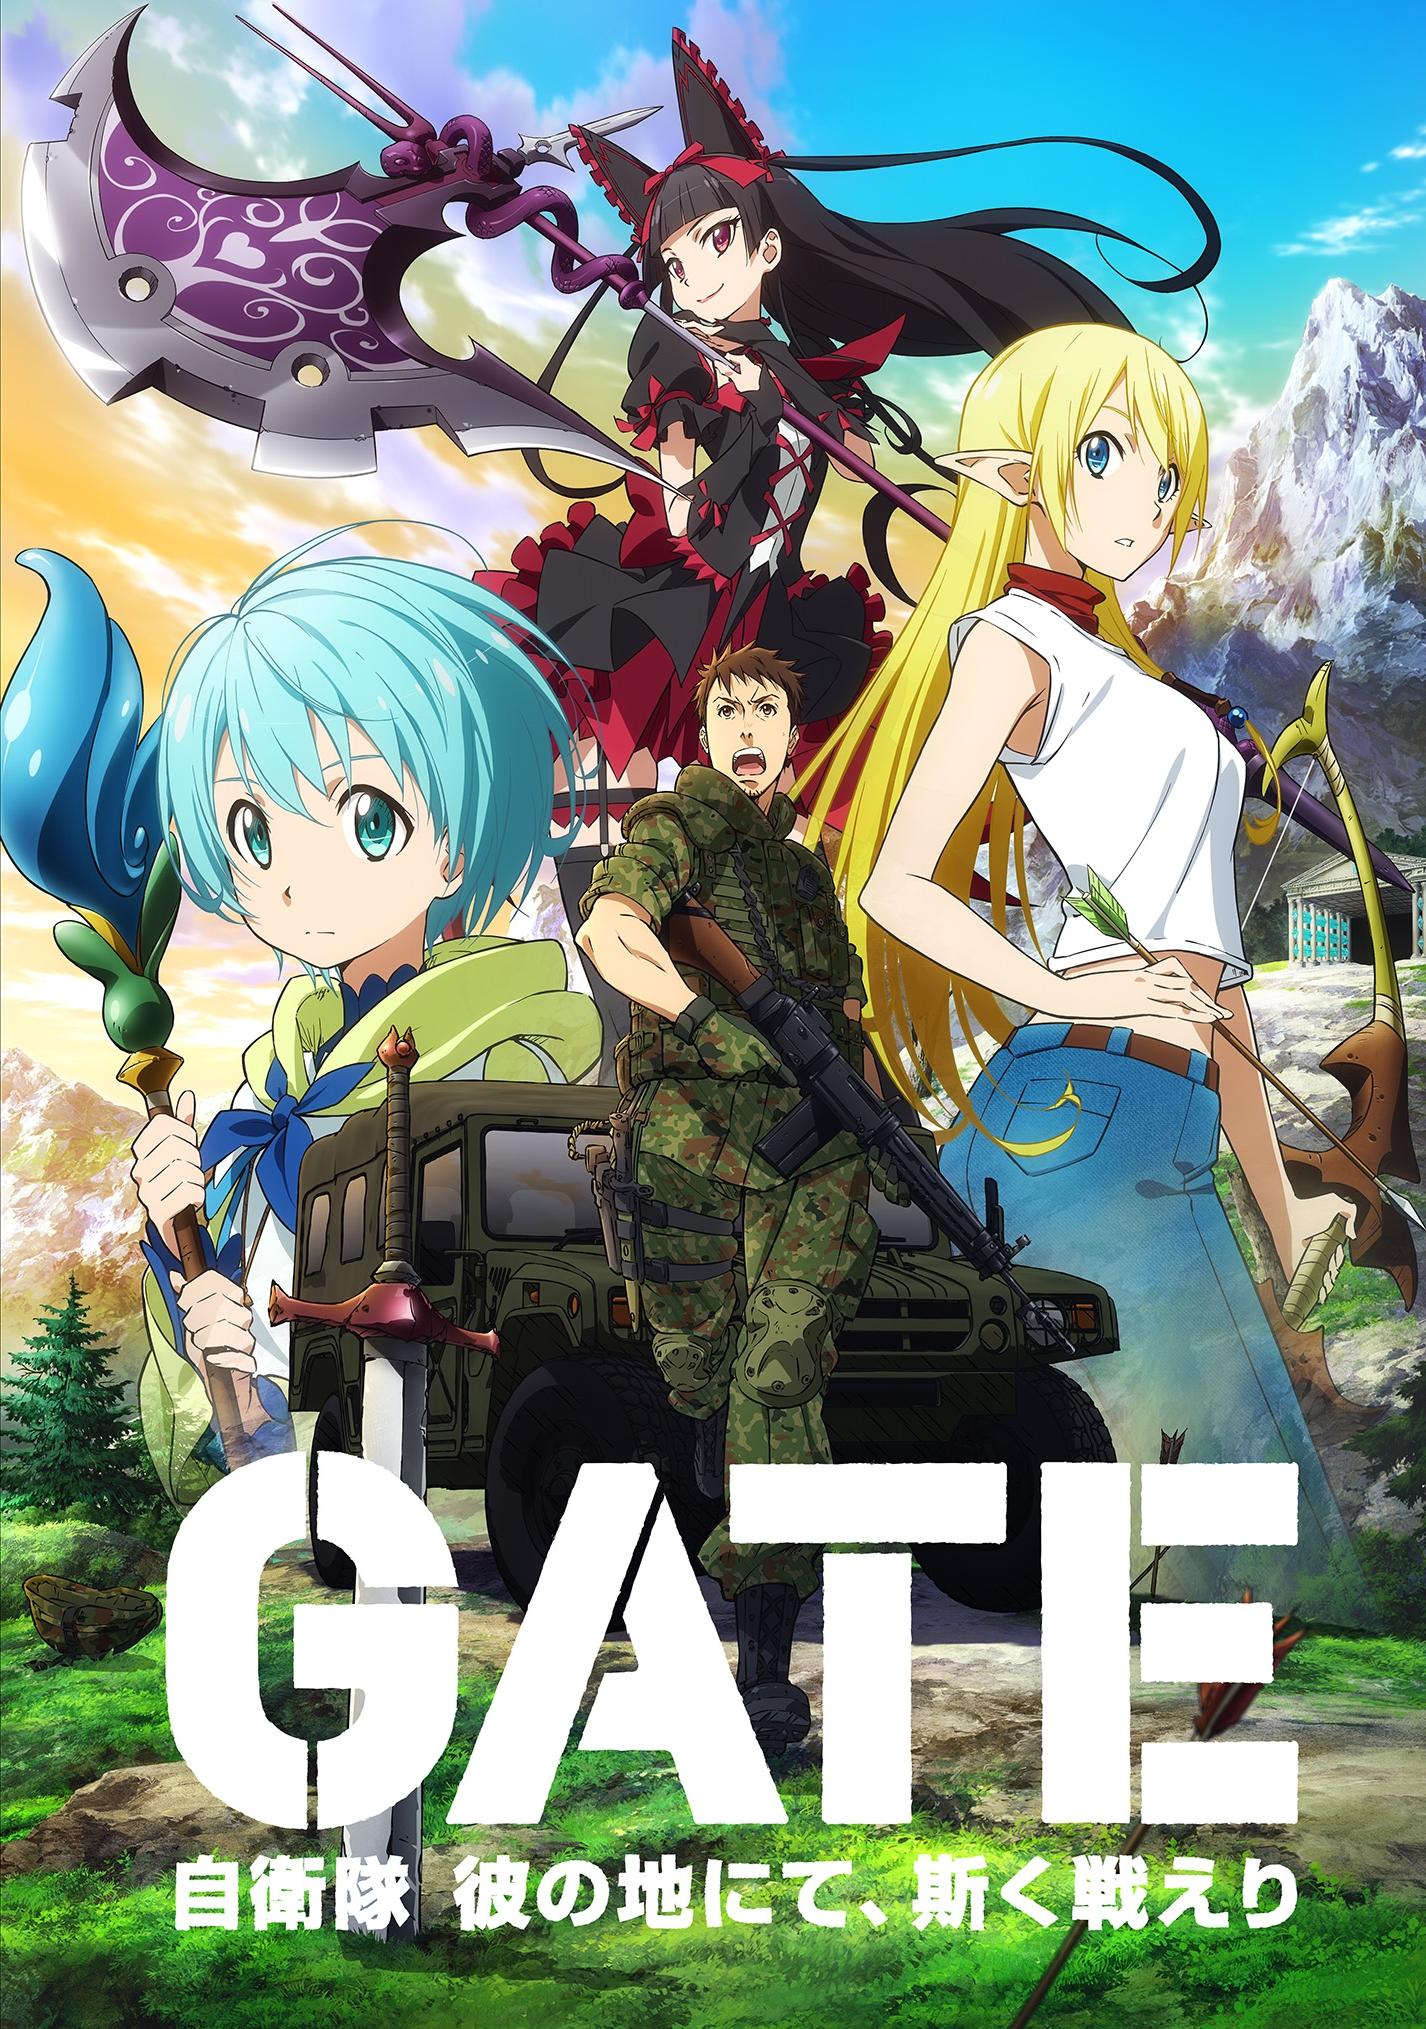 ワーナー公式 アニメ ミュージック Gate 自衛隊 彼の地にて 斯く戦えり